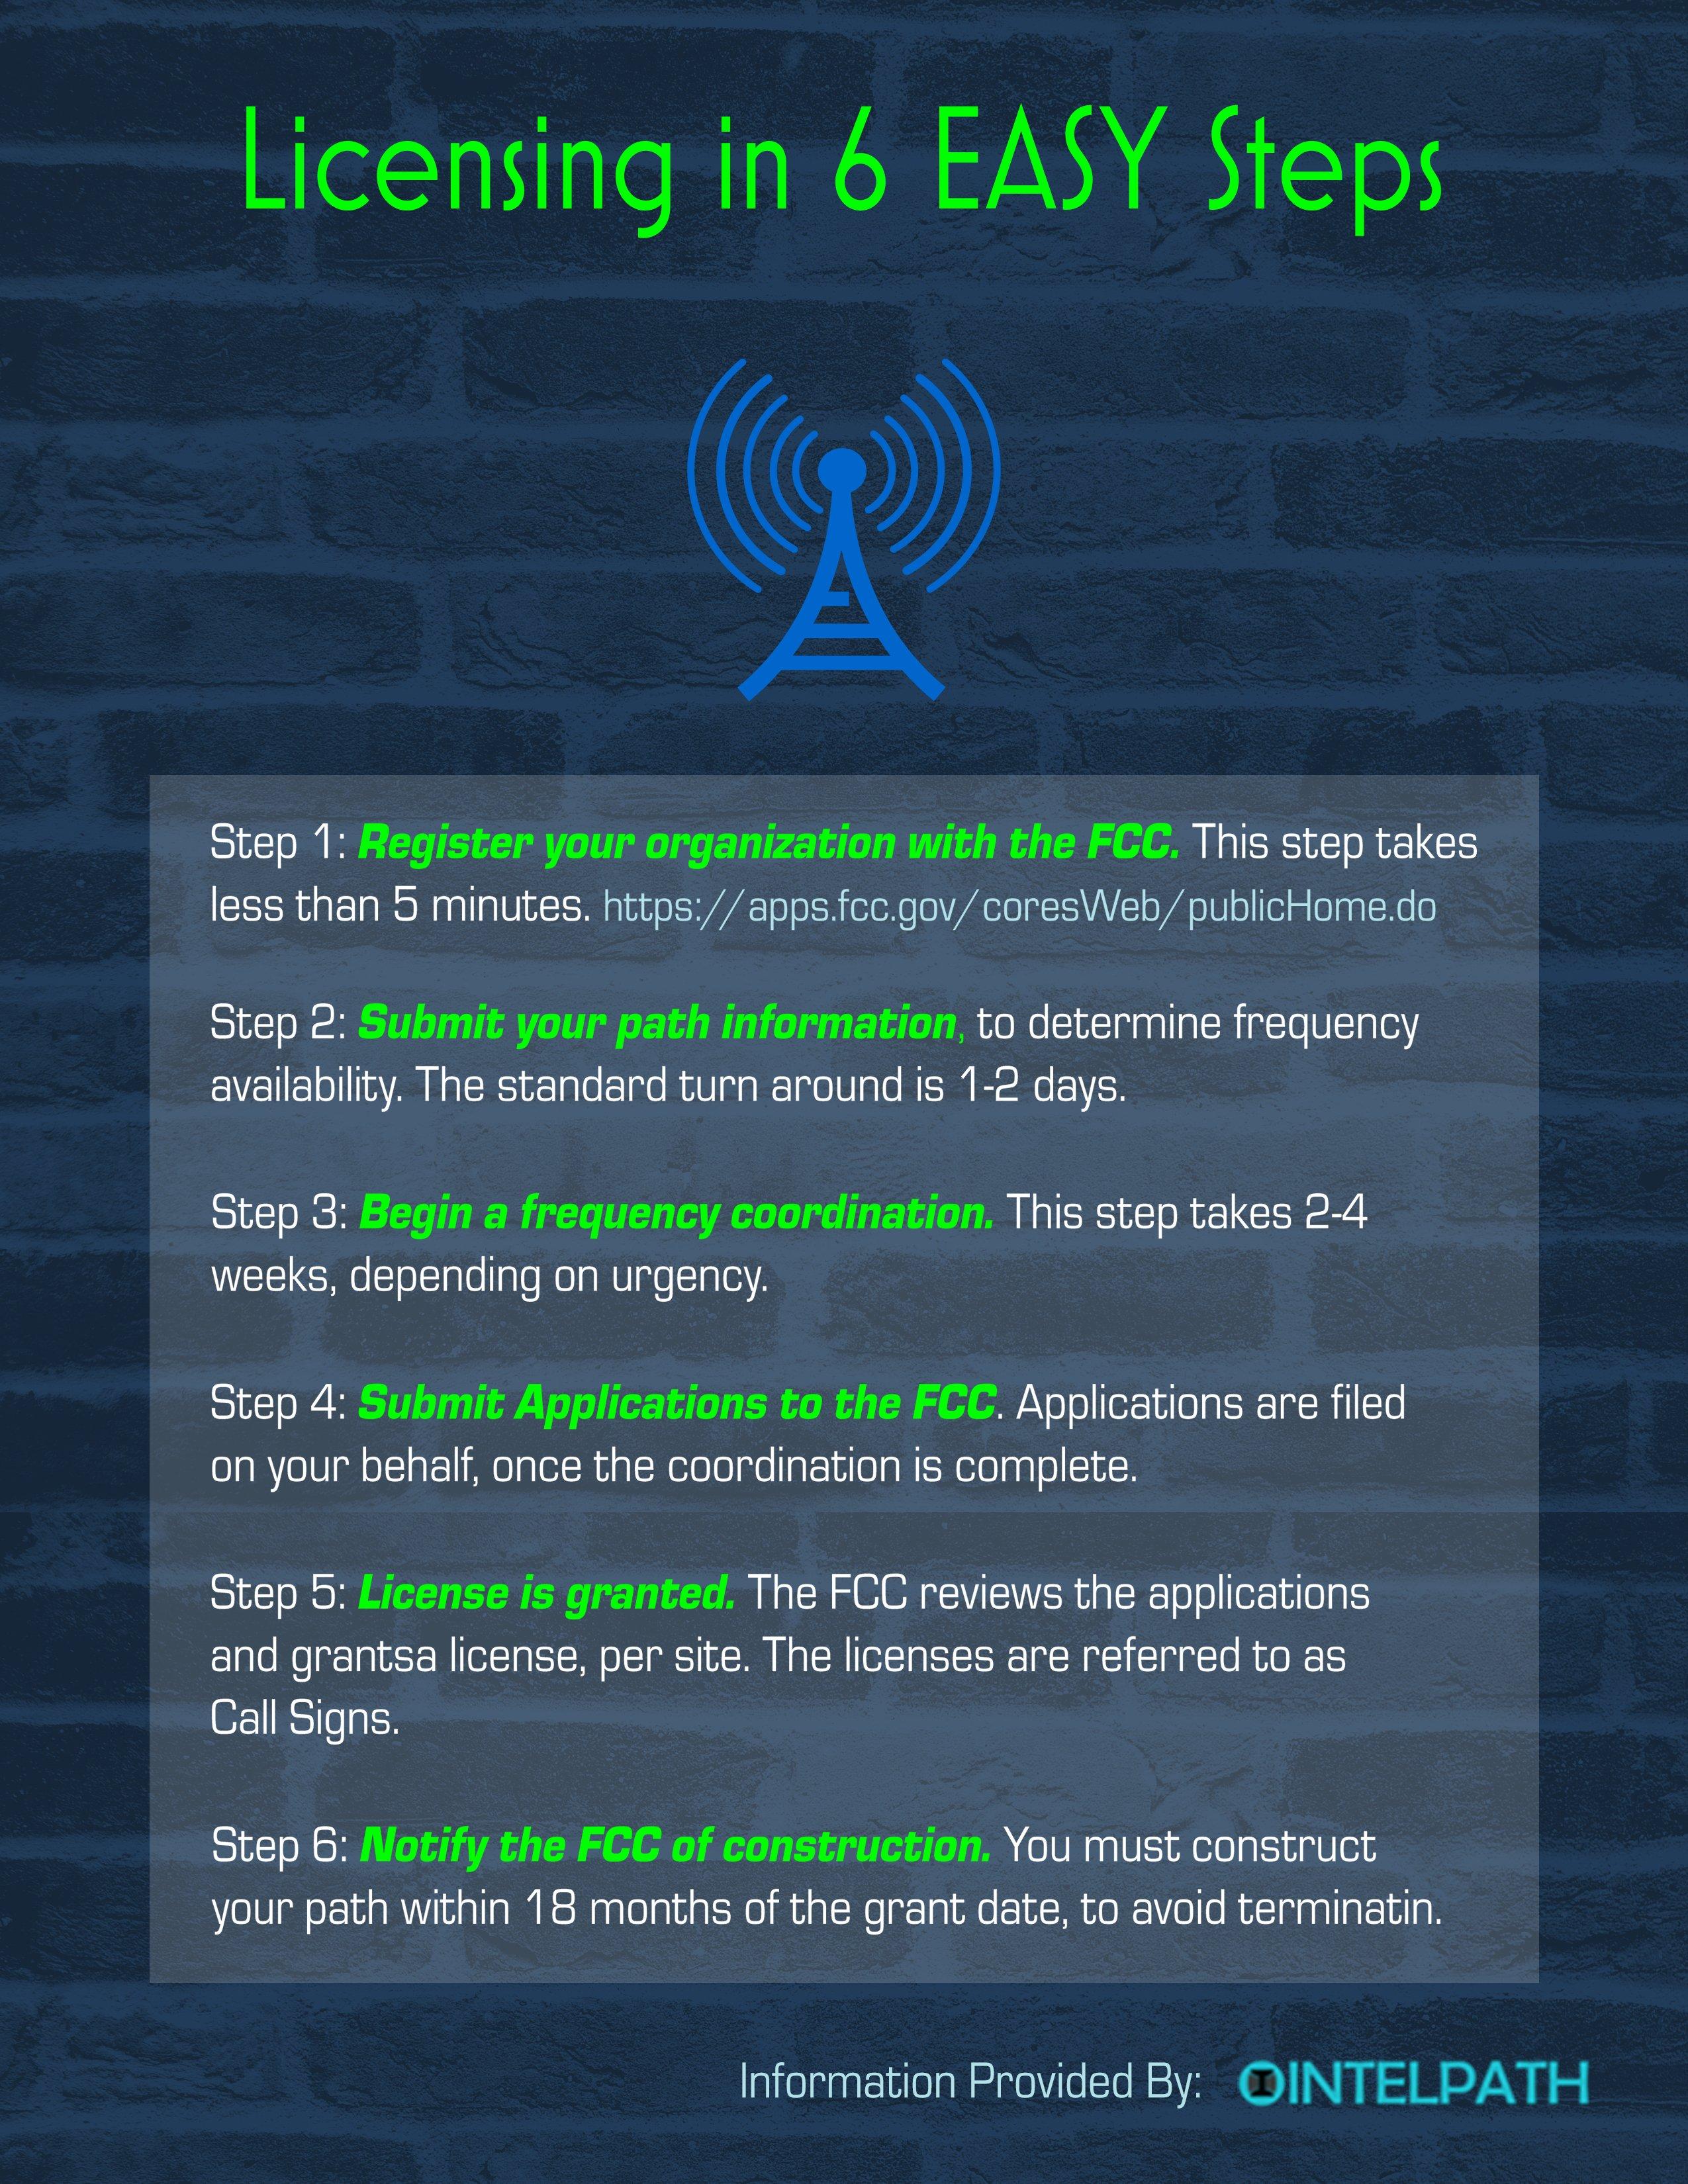 6 steps to a FCC license